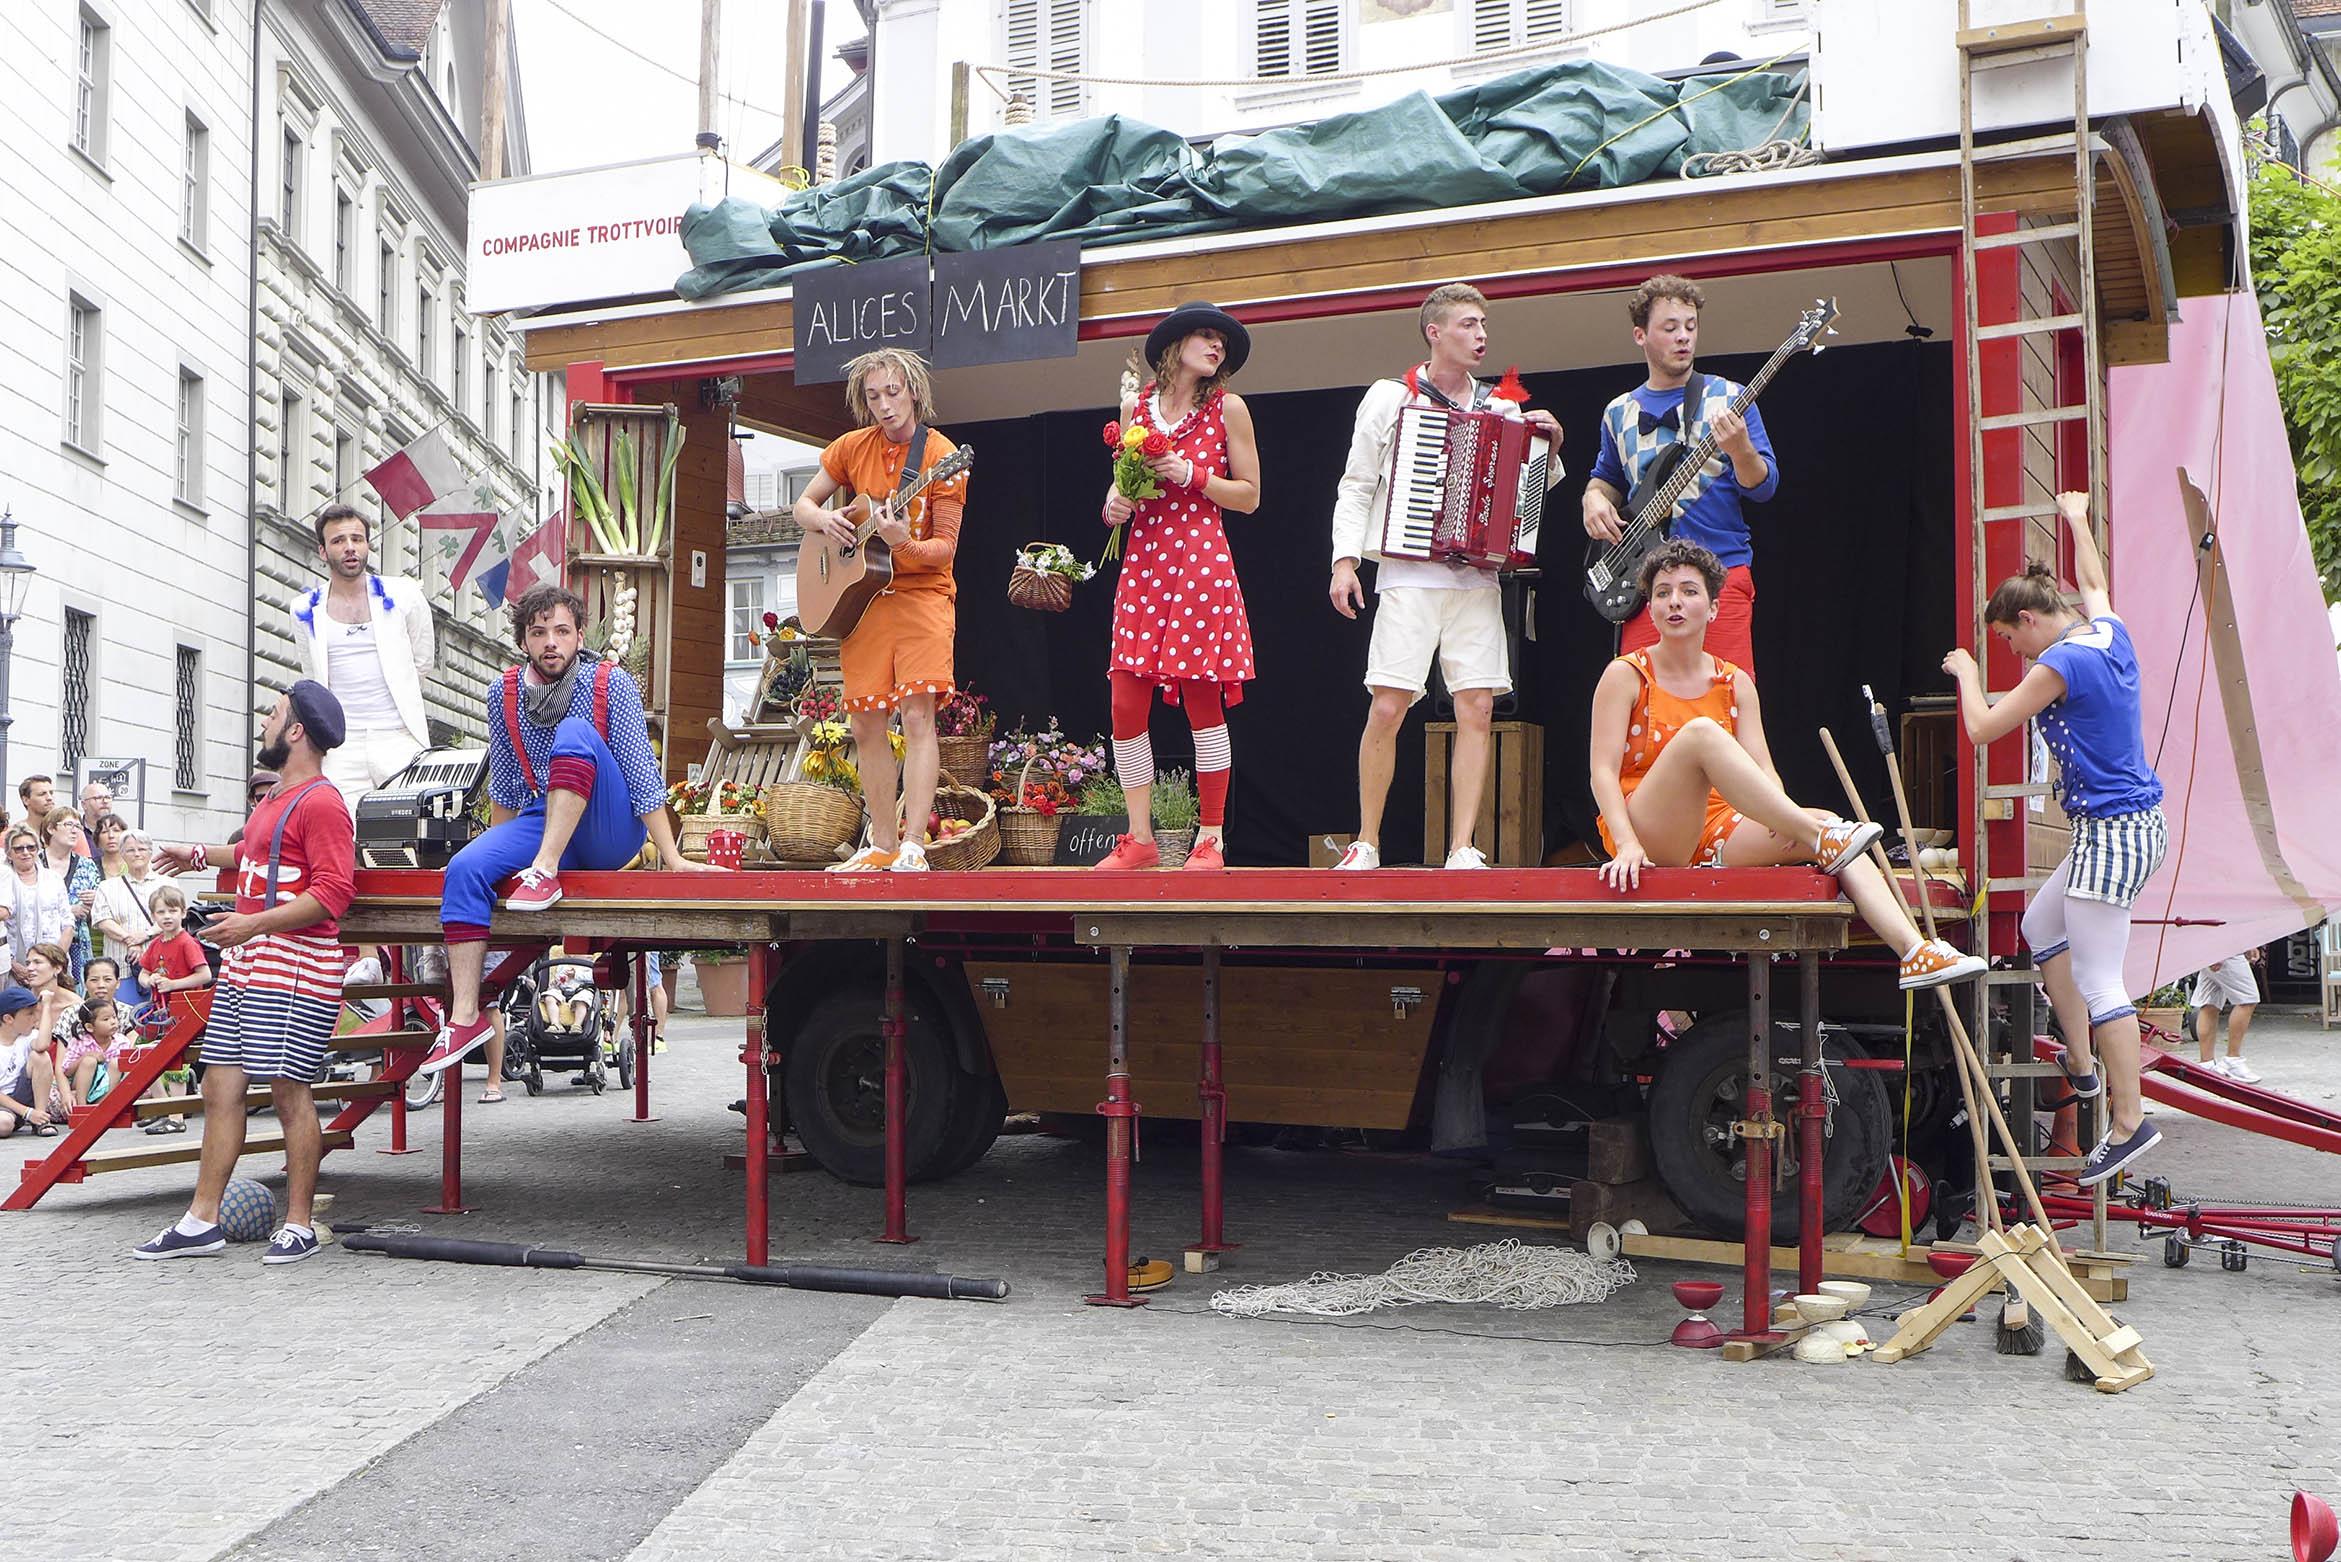 Compagnie-Trottvoir-2014-Luzern-12.jpg